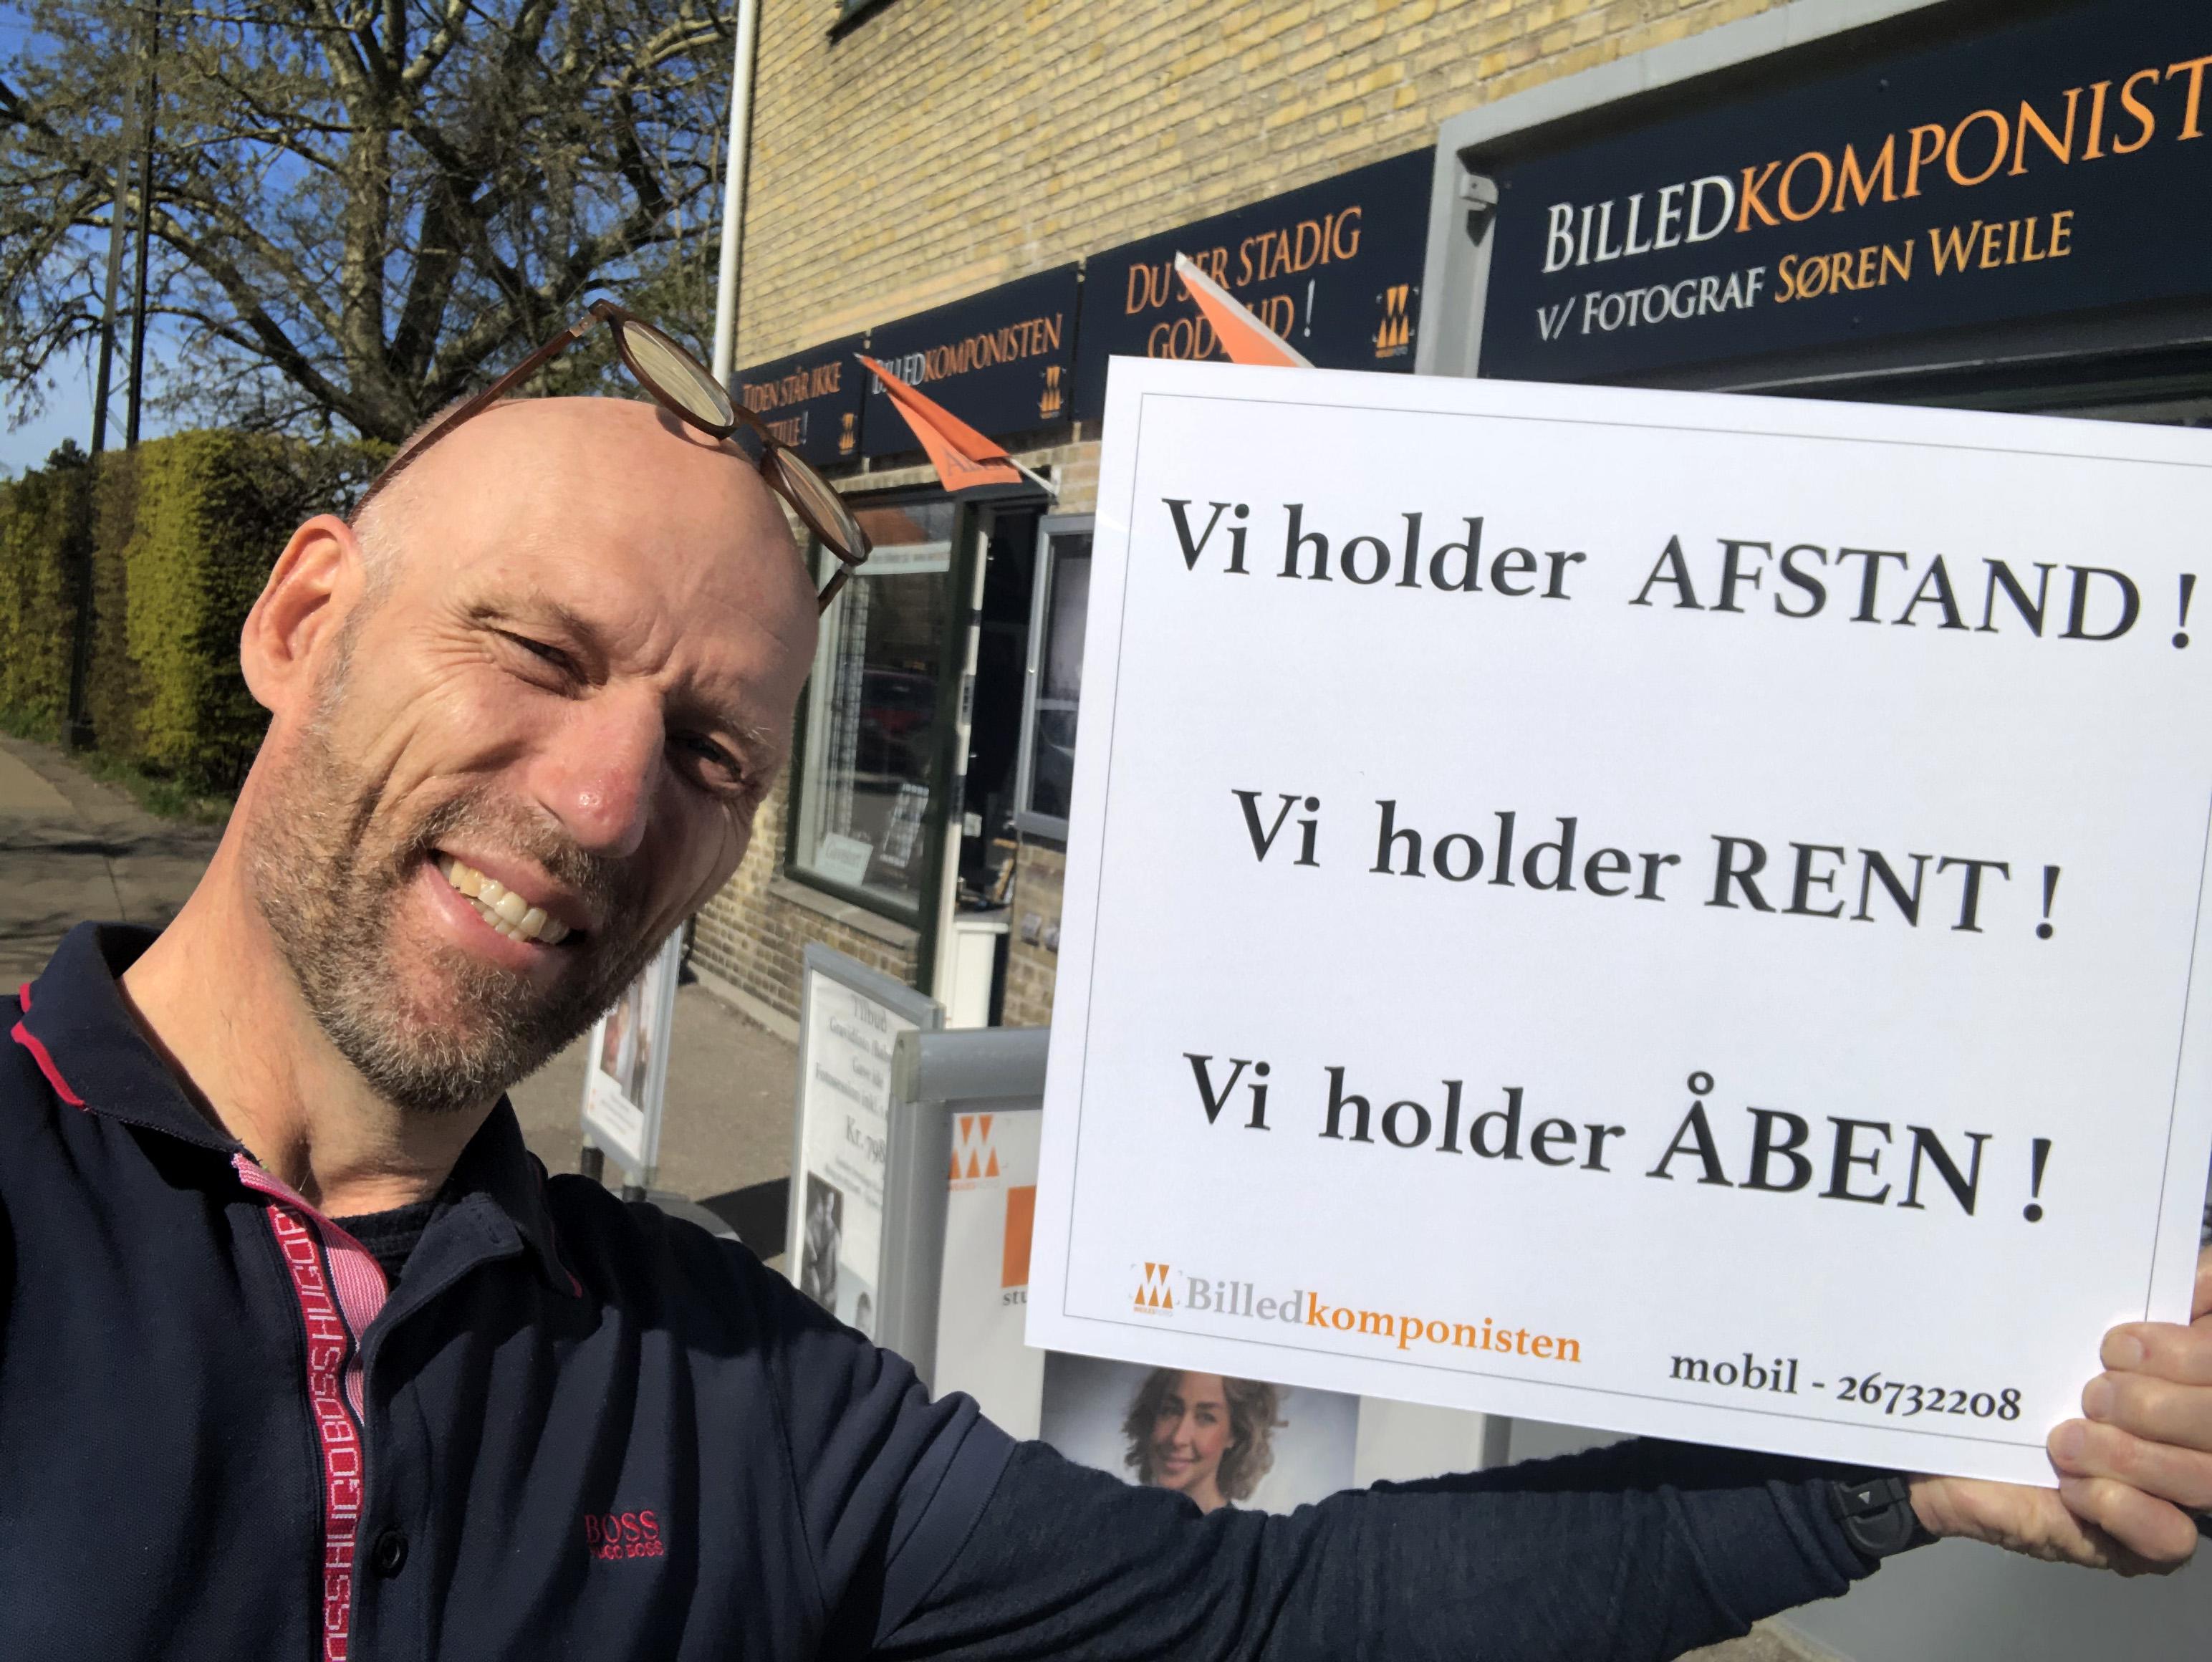 Fotografen i København holder åben!